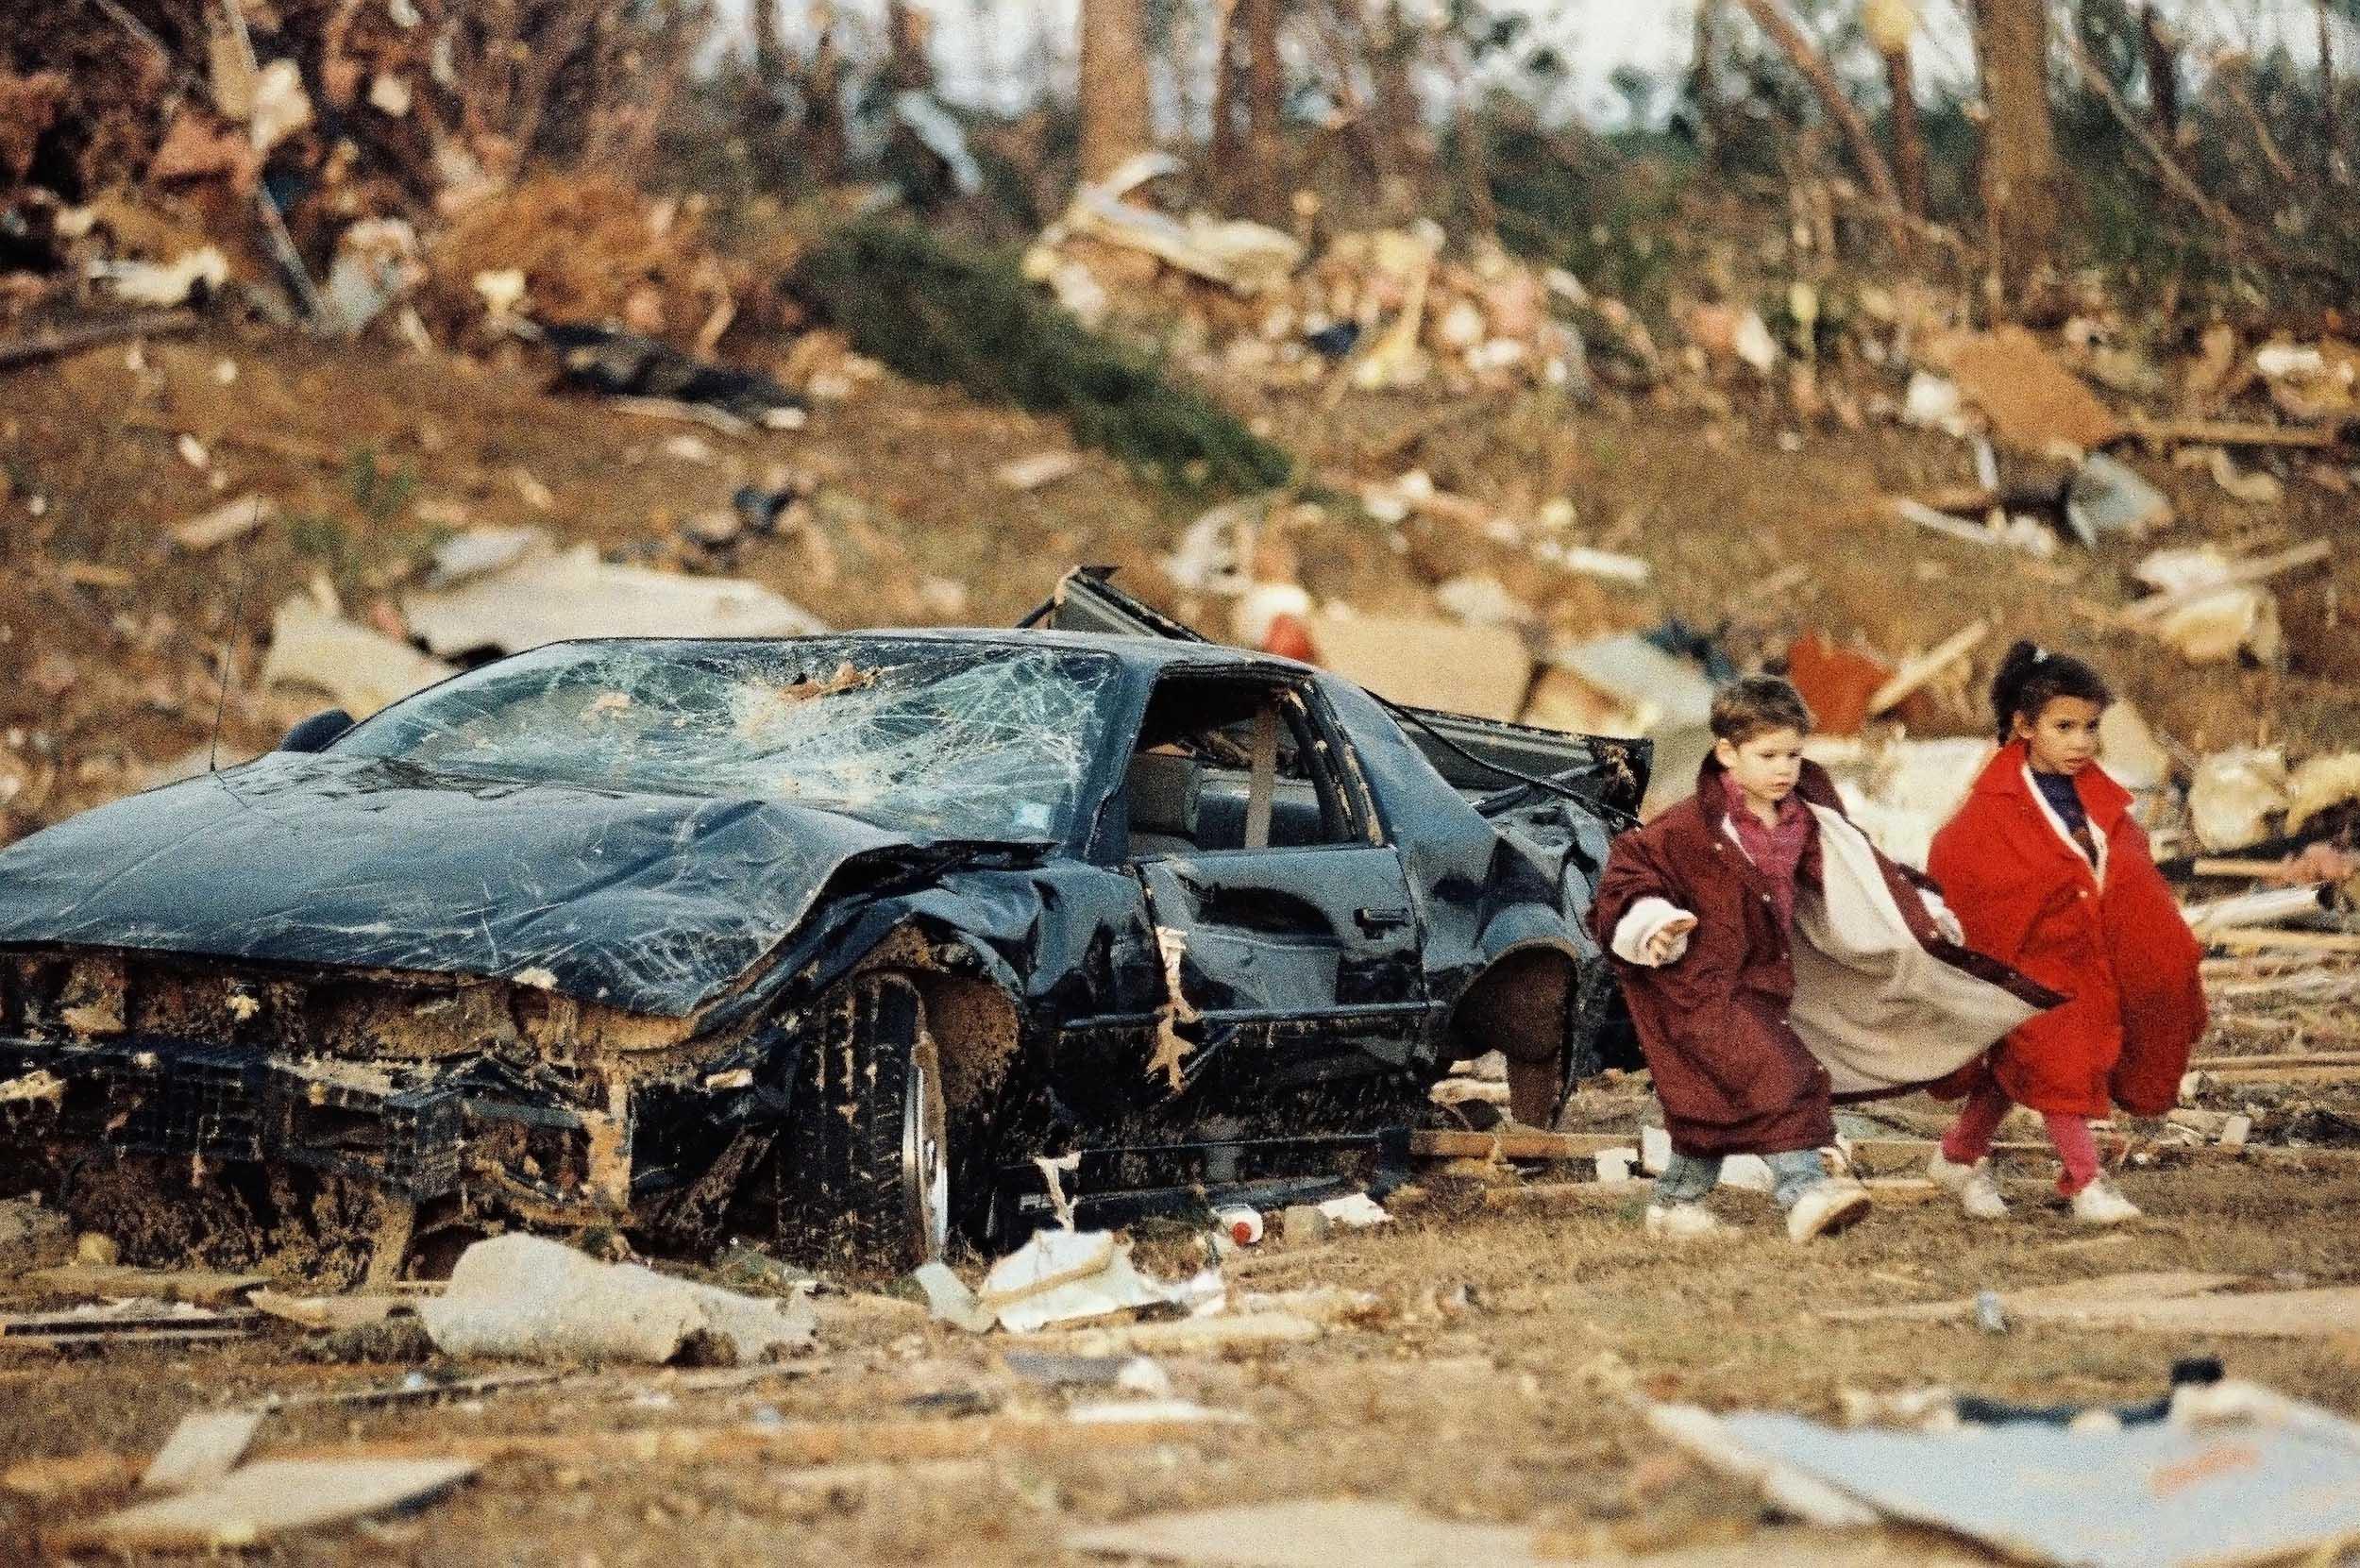 Children Amidst Tornado Wreckage - 2001, © Karen Pulfer Focht